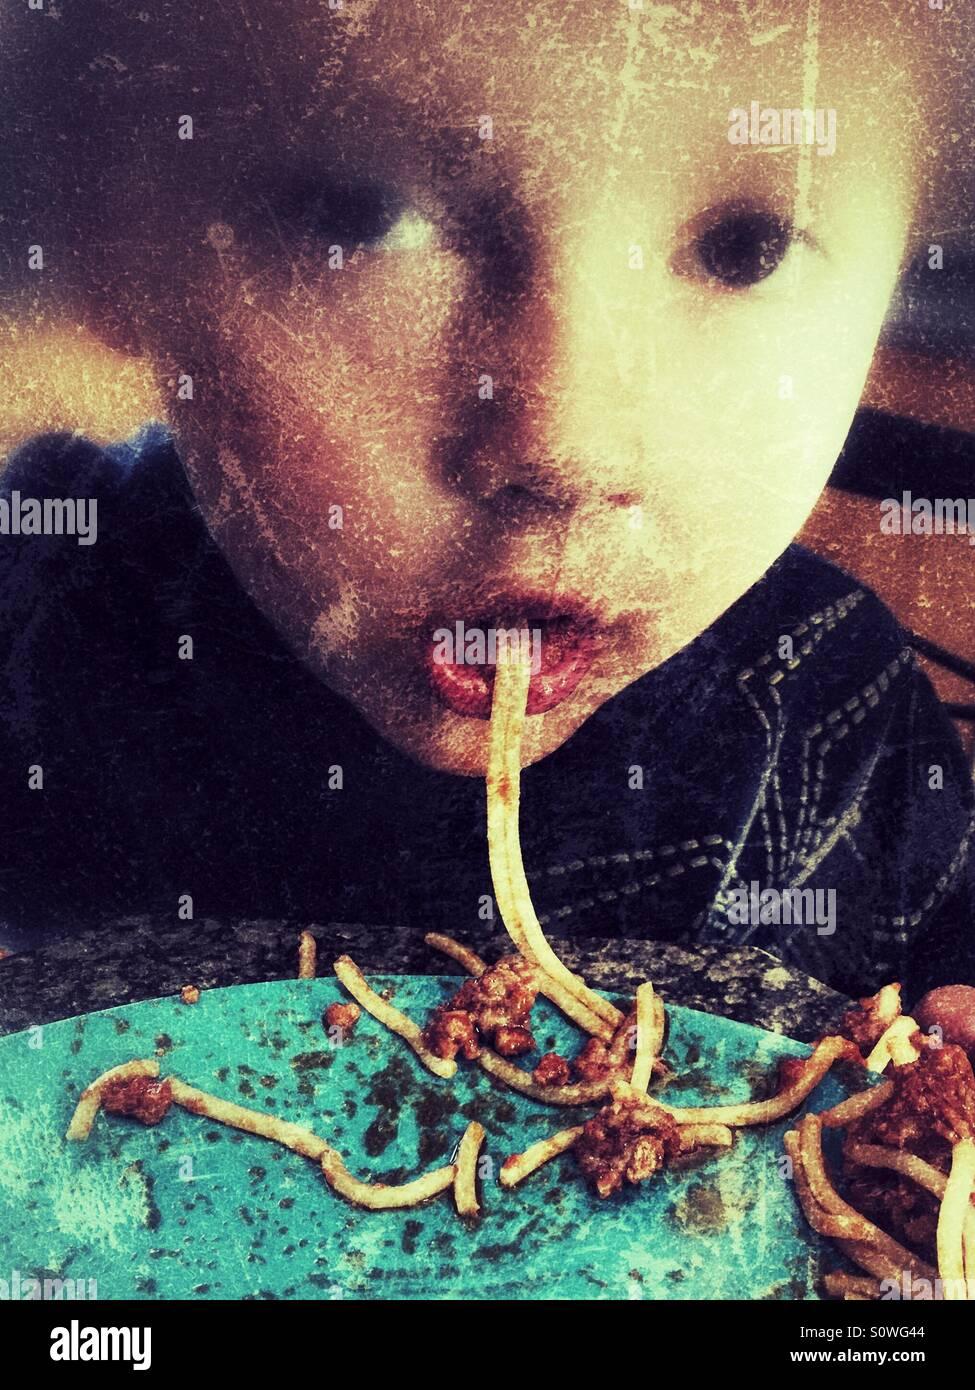 Garçon sucer un morceau de spaghetti Photo Stock